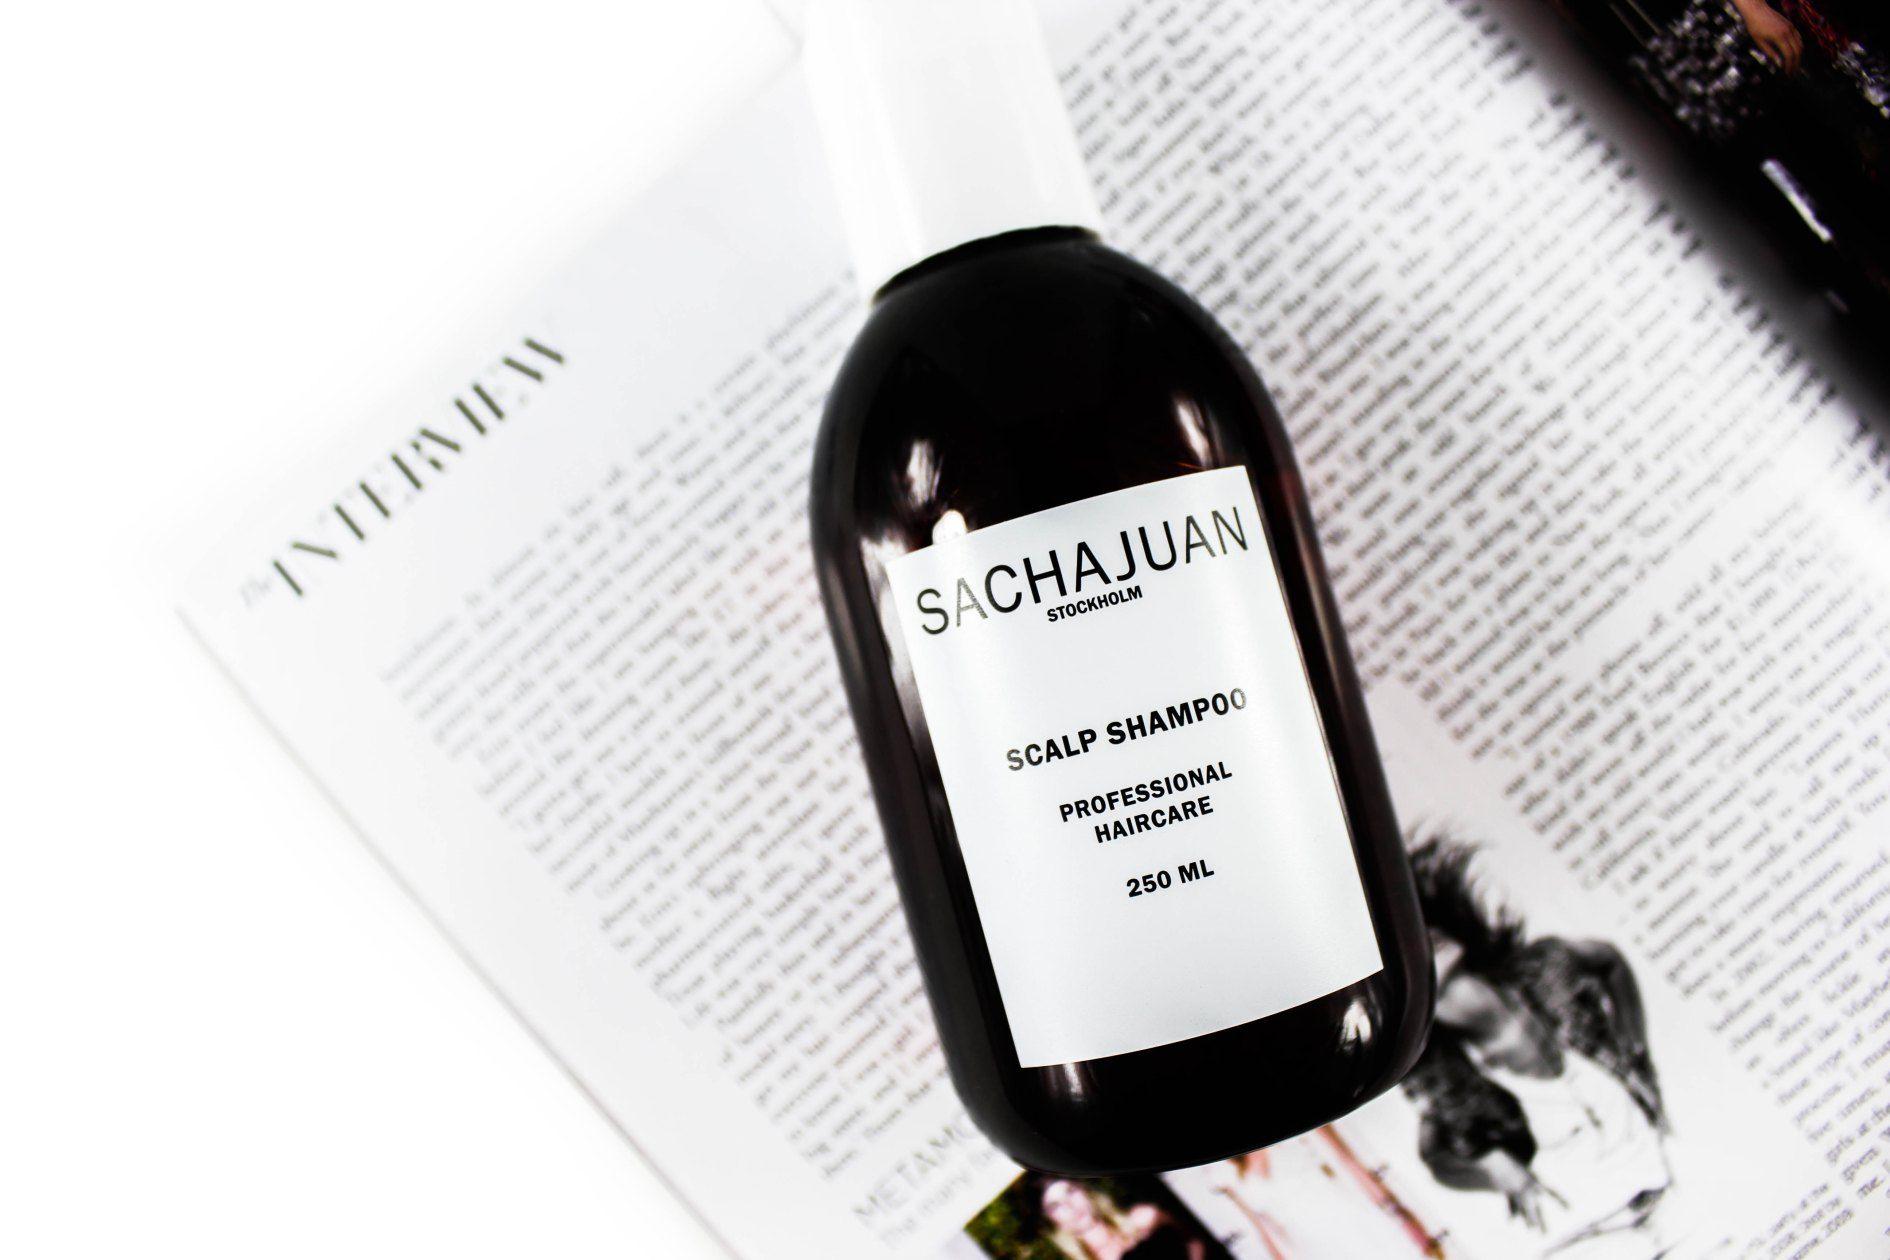 Kết quả hình ảnh cho Sachajuan Scalp Shampoo